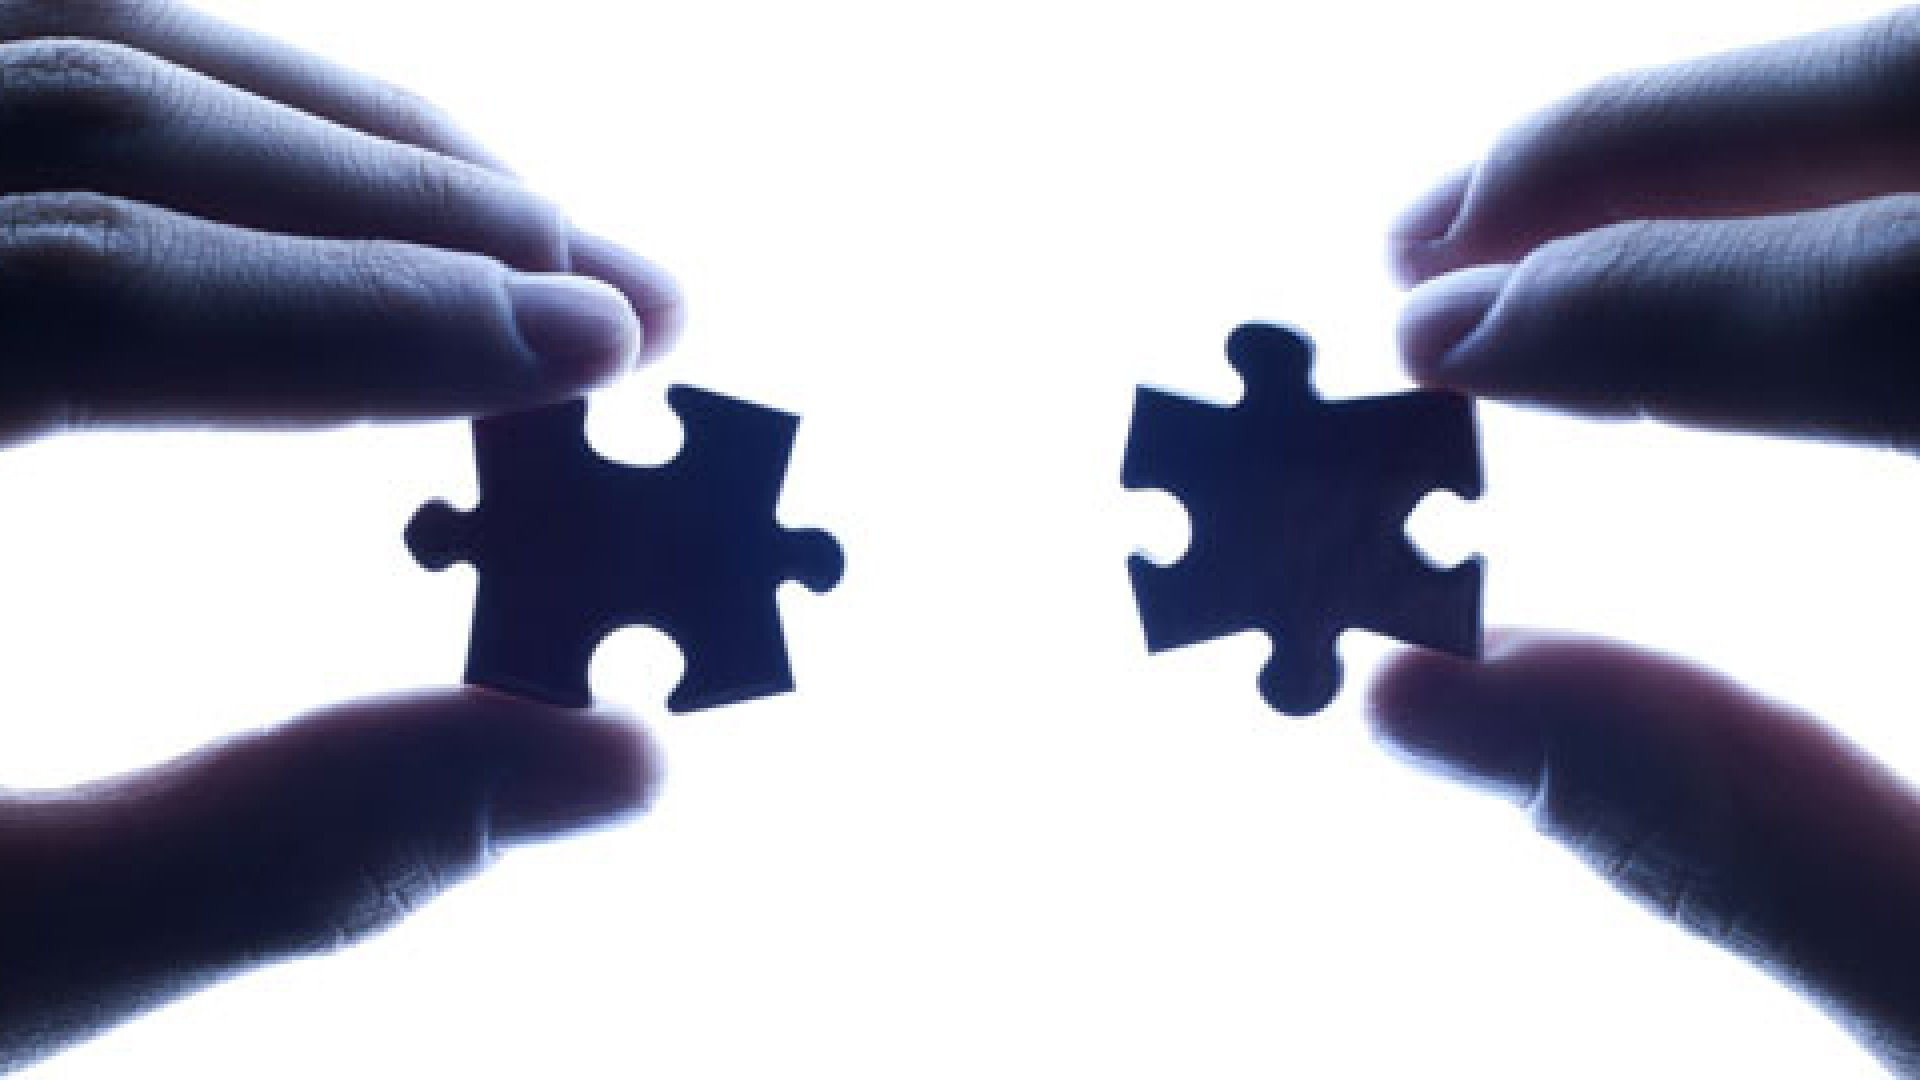 Vet a Potential Partner: 10 Questions